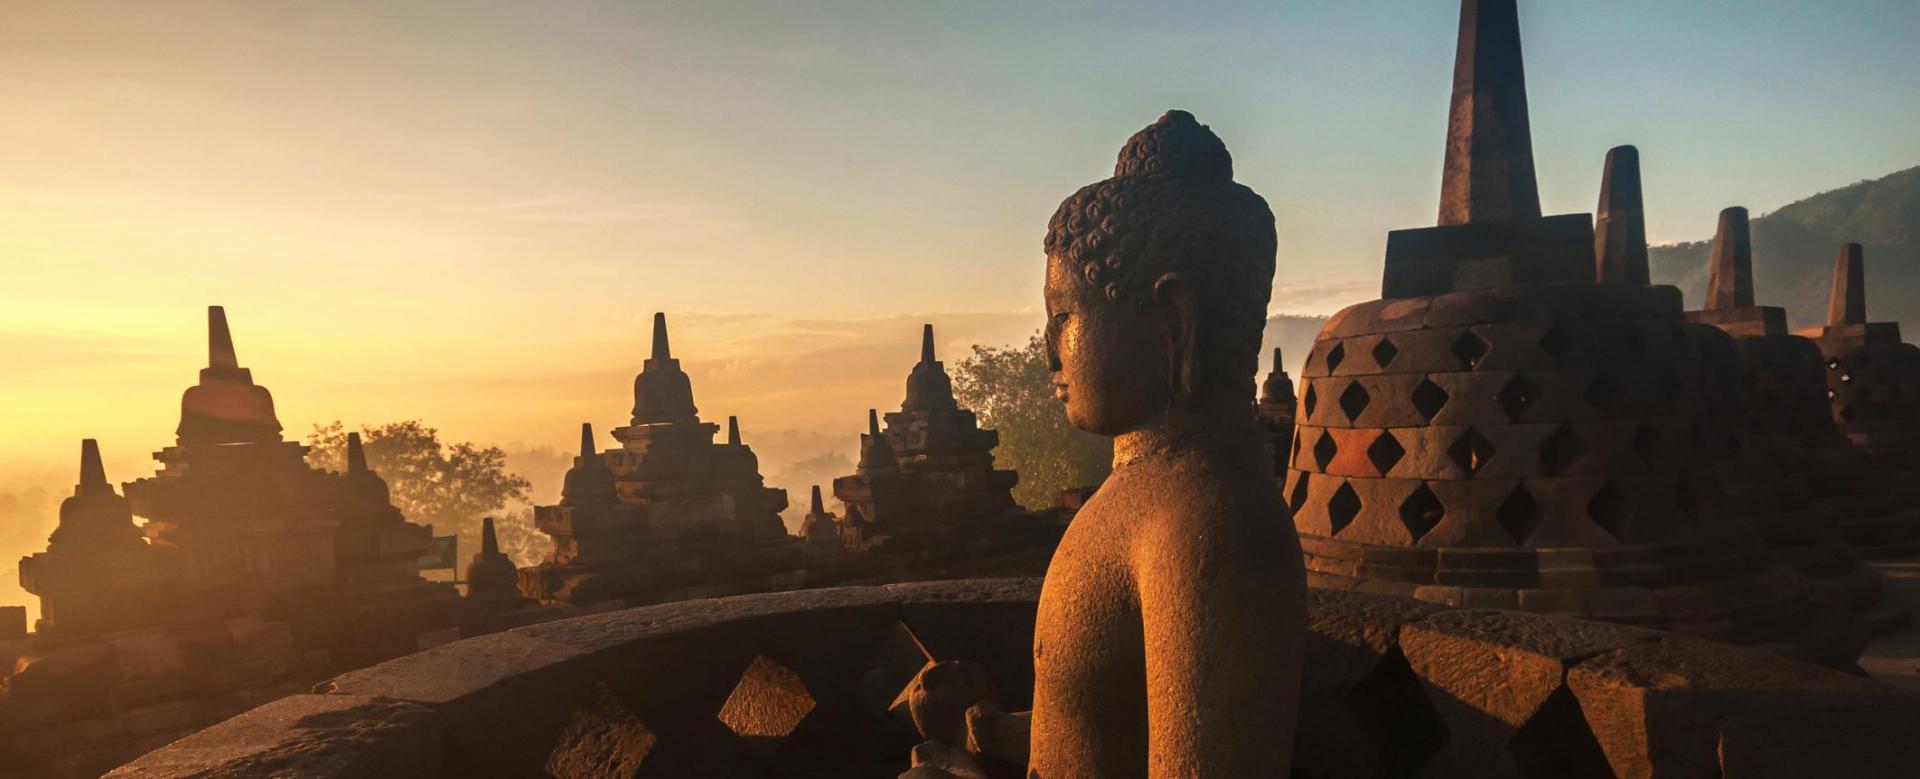 Voyage à pied Indonésie : Java et bali secrètes